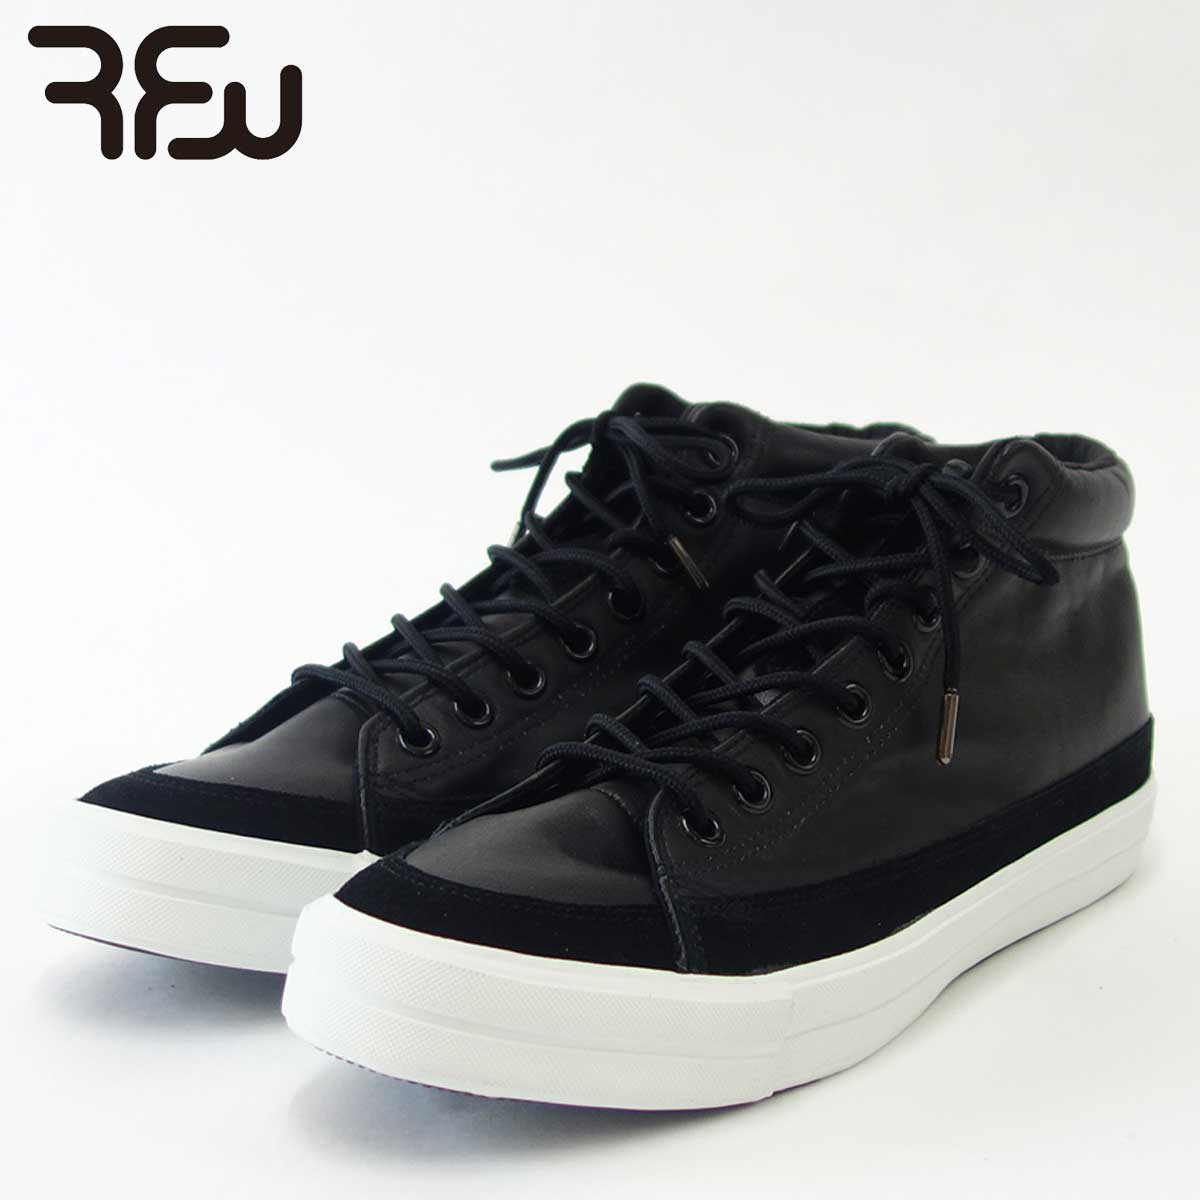 RFW アールエフダブリュー BAGEL-HI LEATHER(ユニセックス)1812242 カラー:ブラック 天然皮革のハイカットスニーカー 「靴」